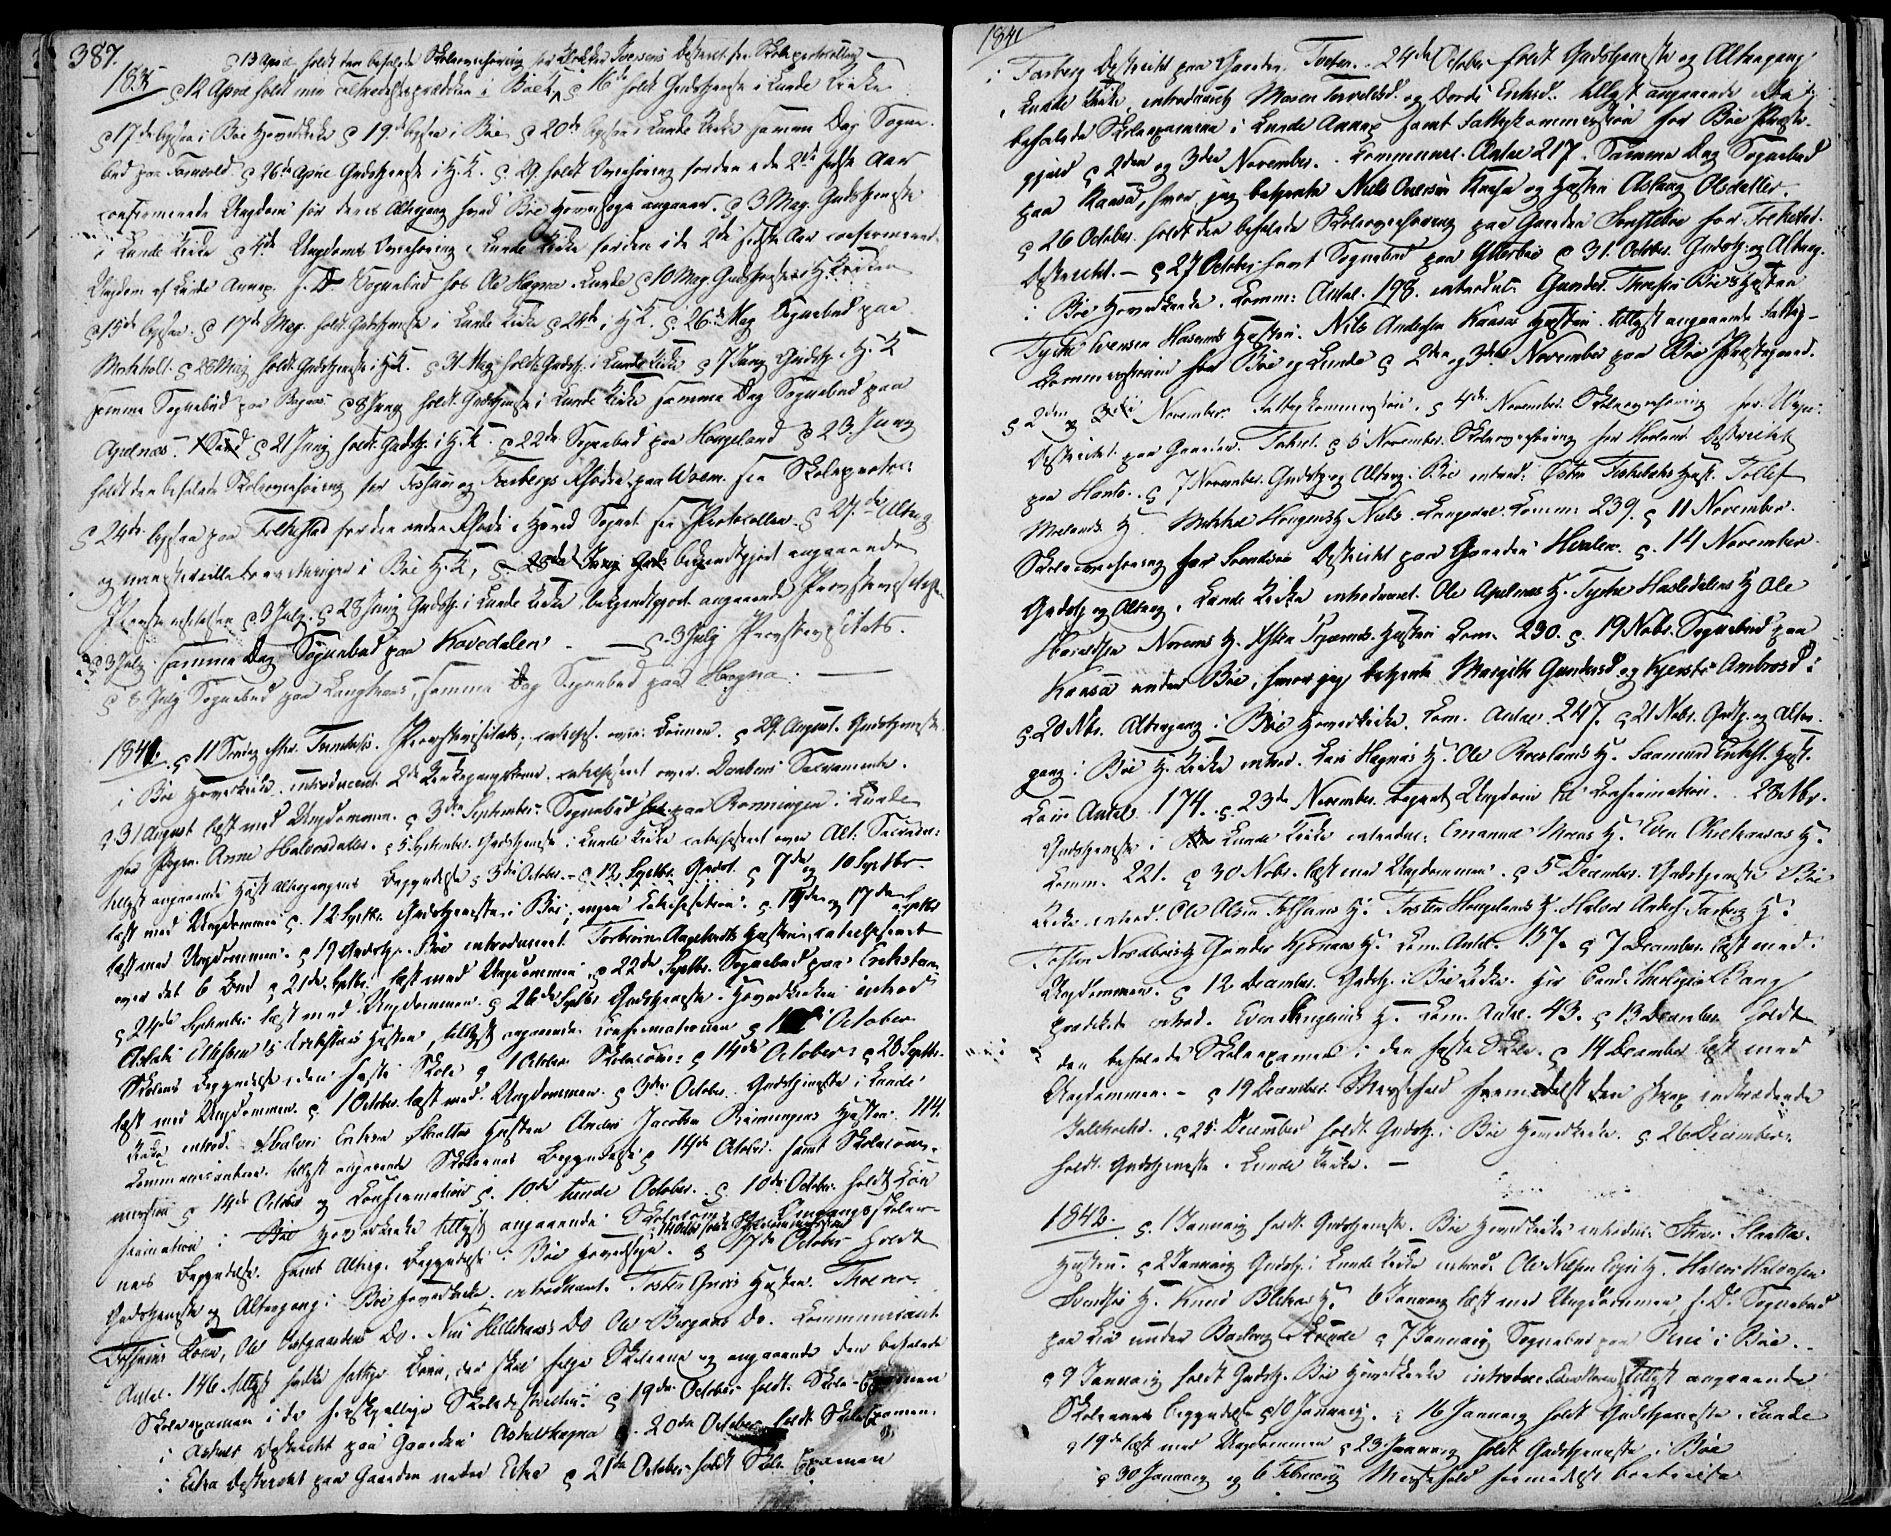 SAKO, Bø kirkebøker, F/Fa/L0007: Ministerialbok nr. 7, 1831-1848, s. 387